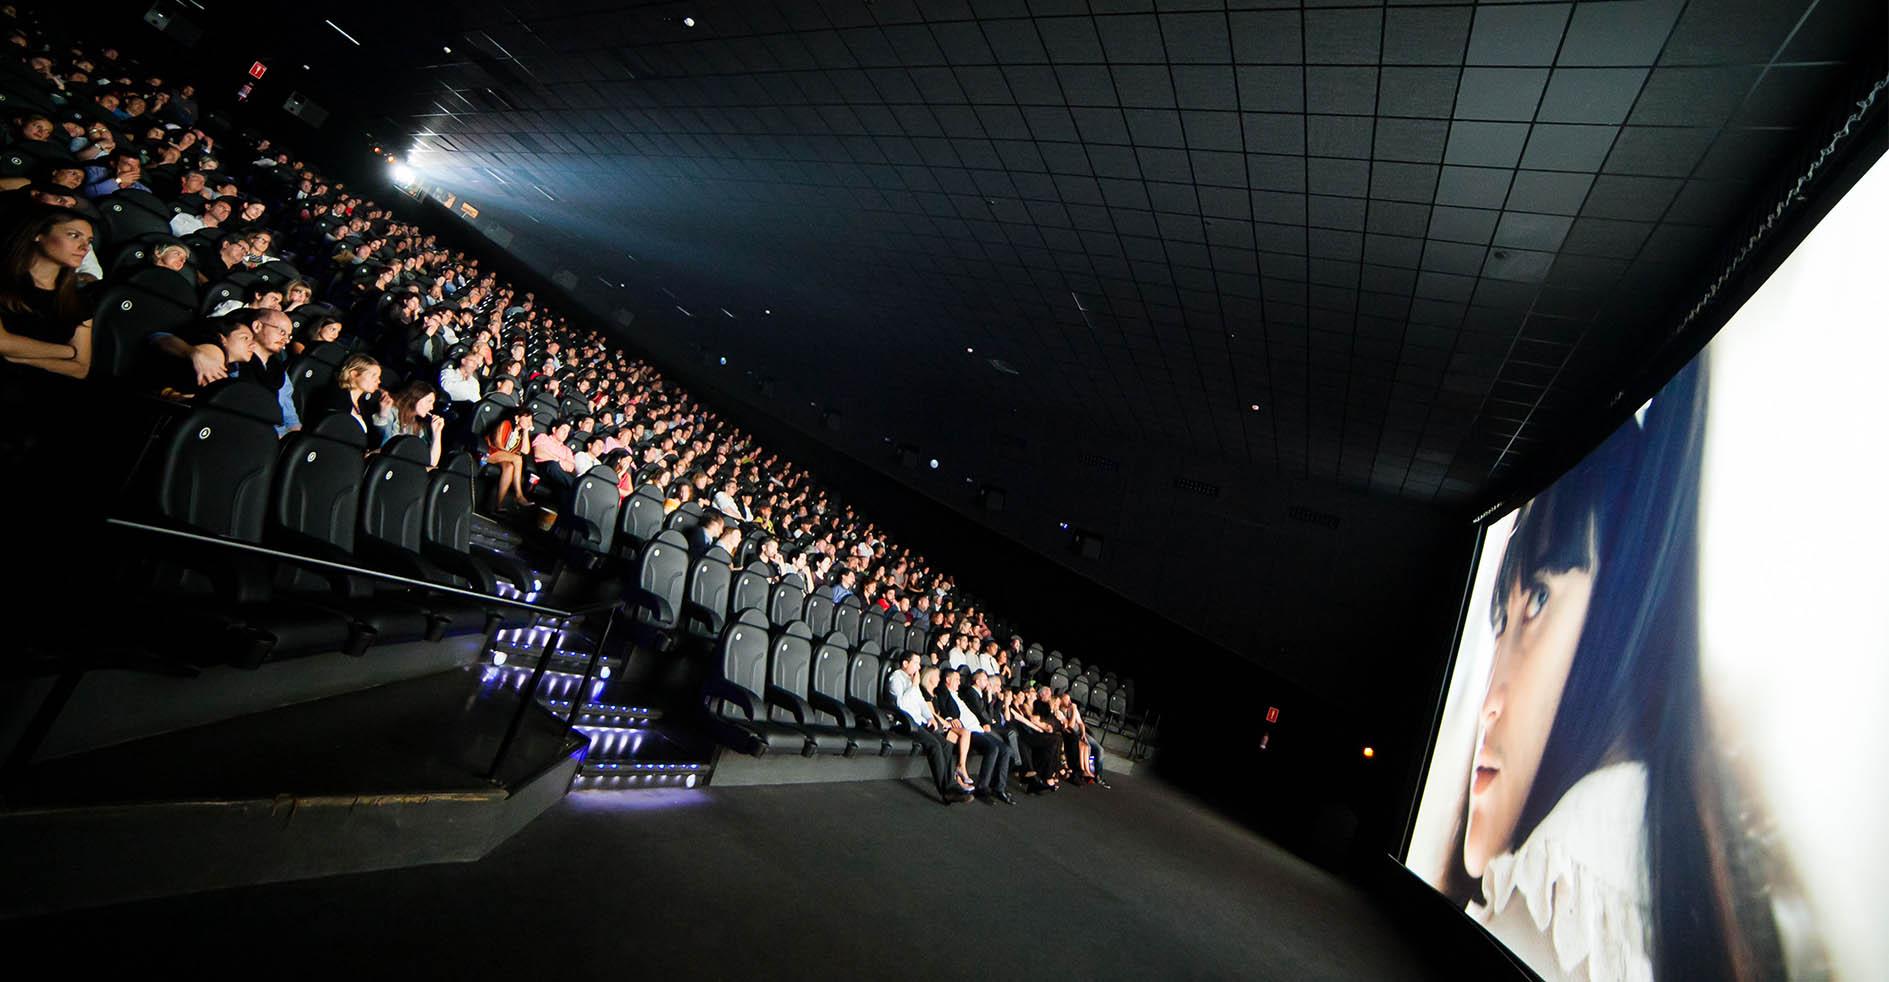 L'ICEC destina 17,2 milions d'euros a l'audiovisual, al 2020